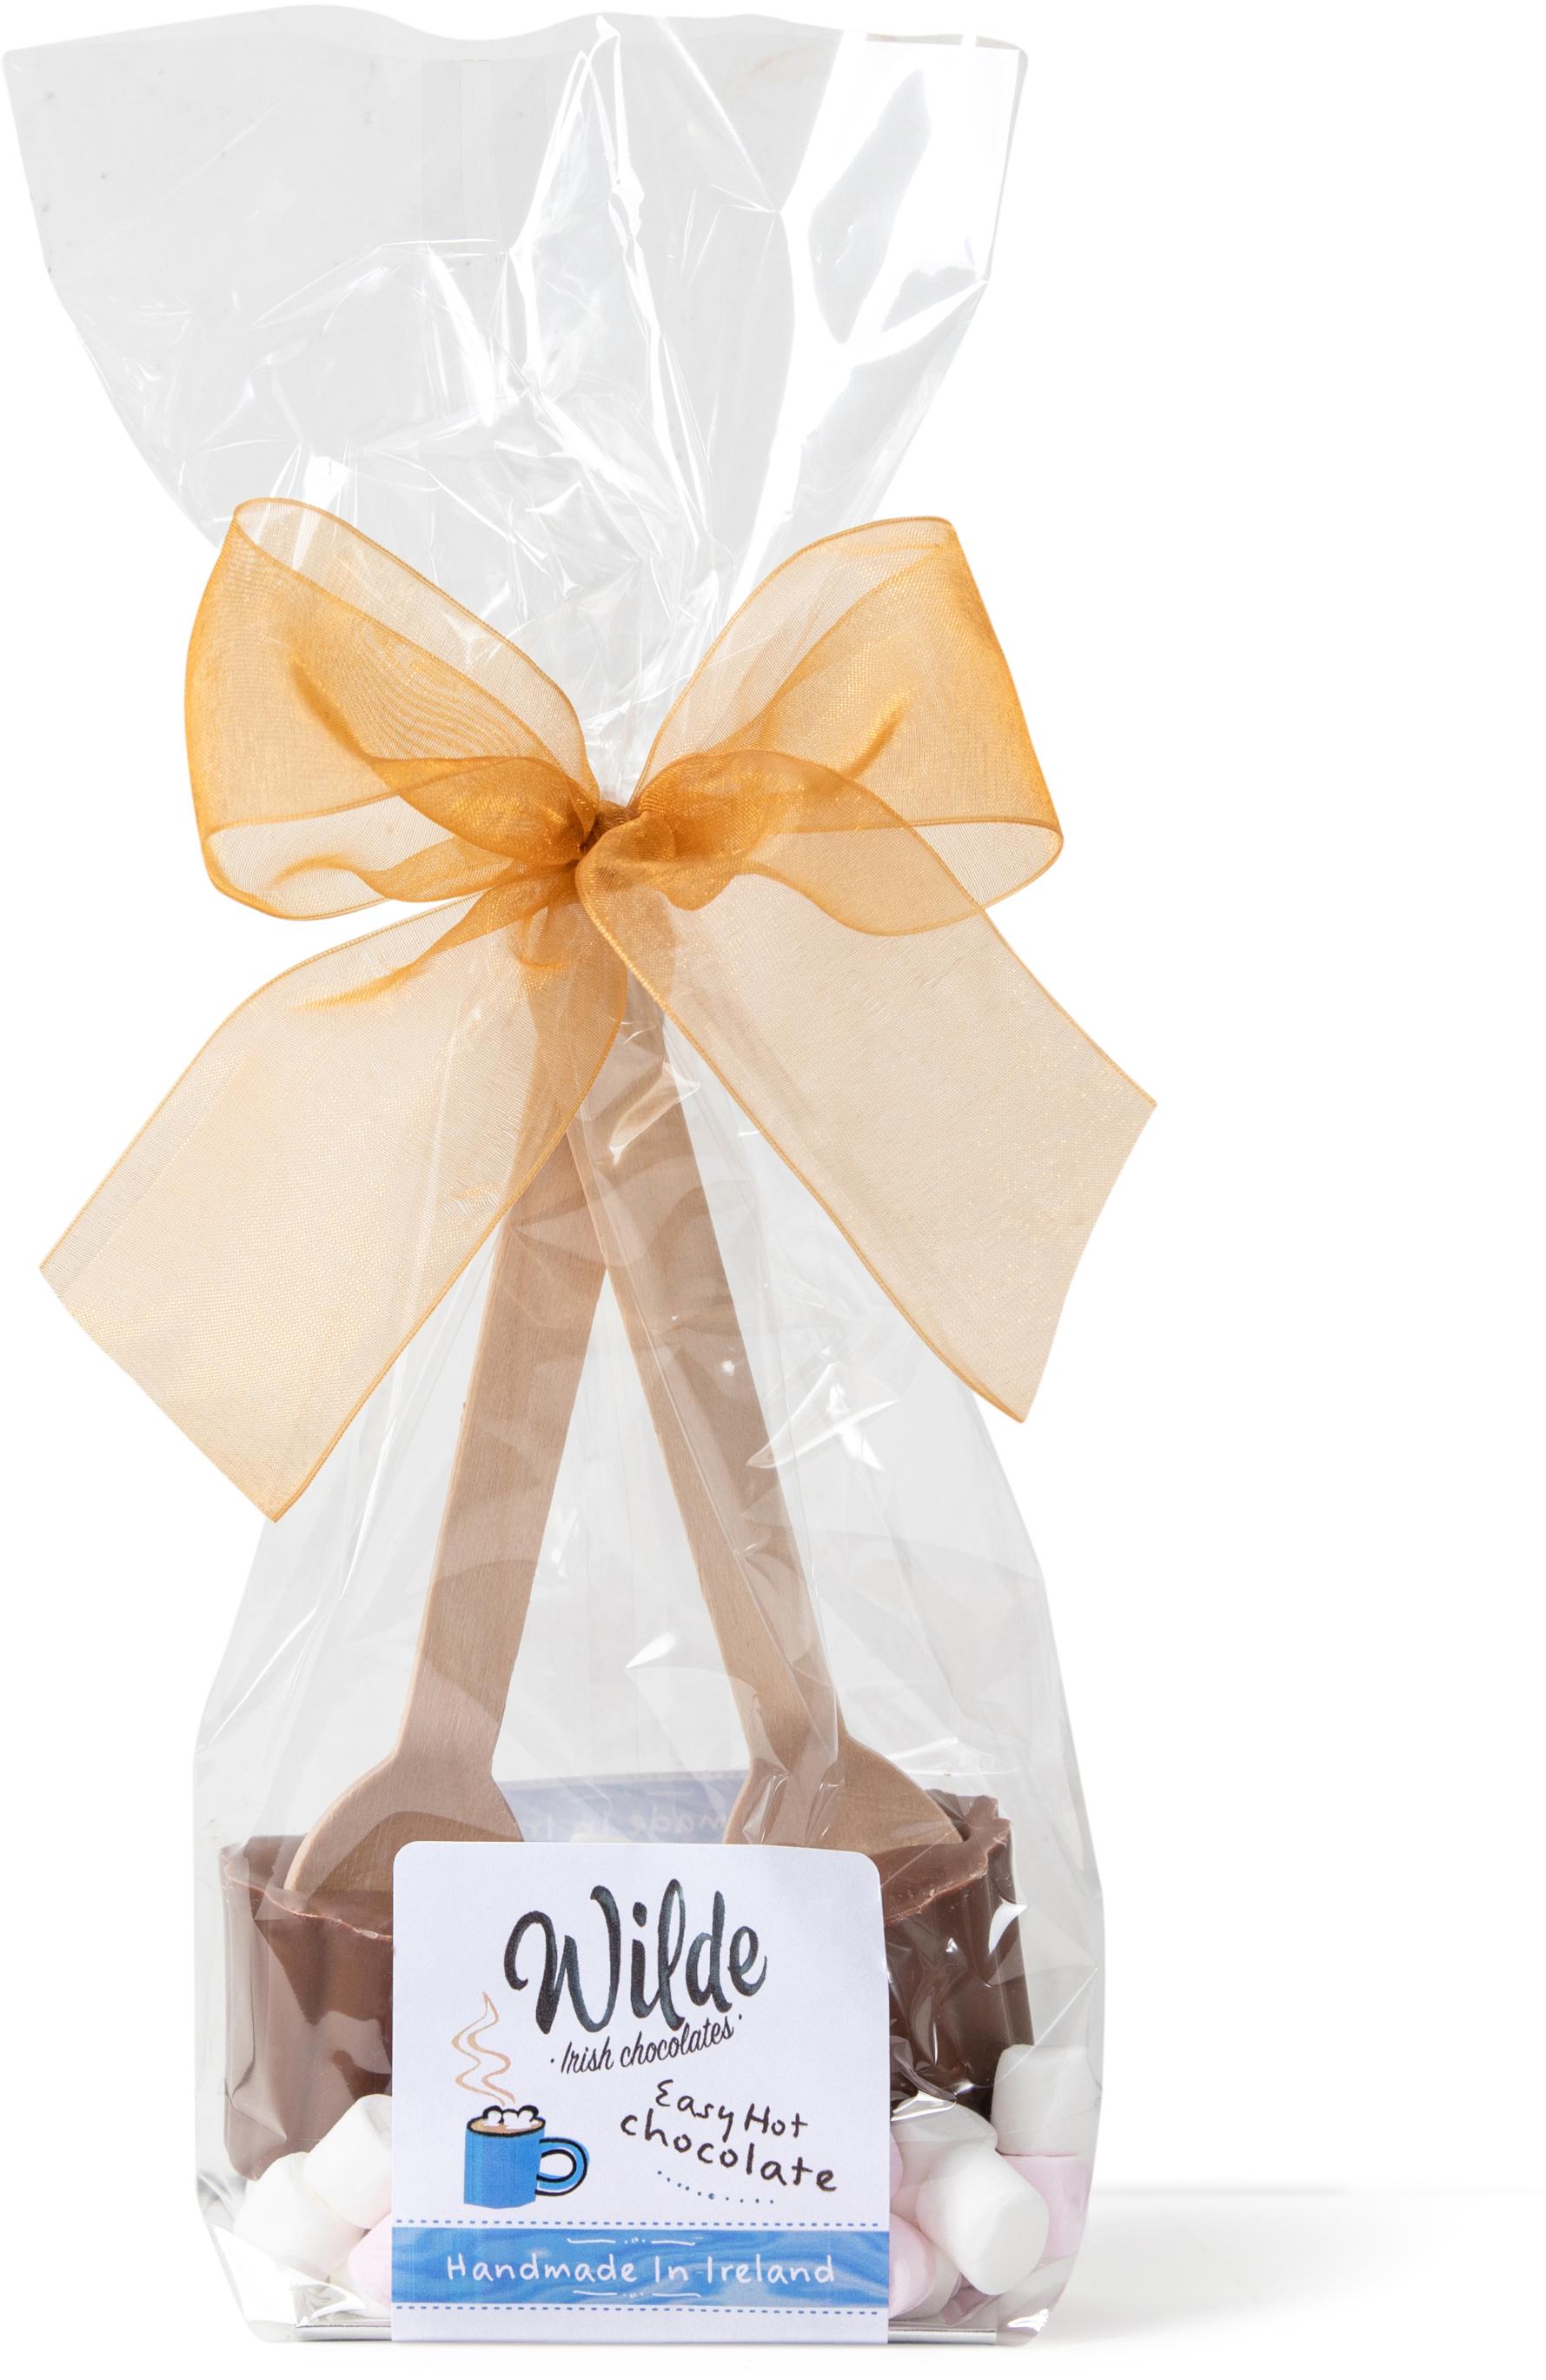 comforting hot chocolate - Wilde Irish Chocolates